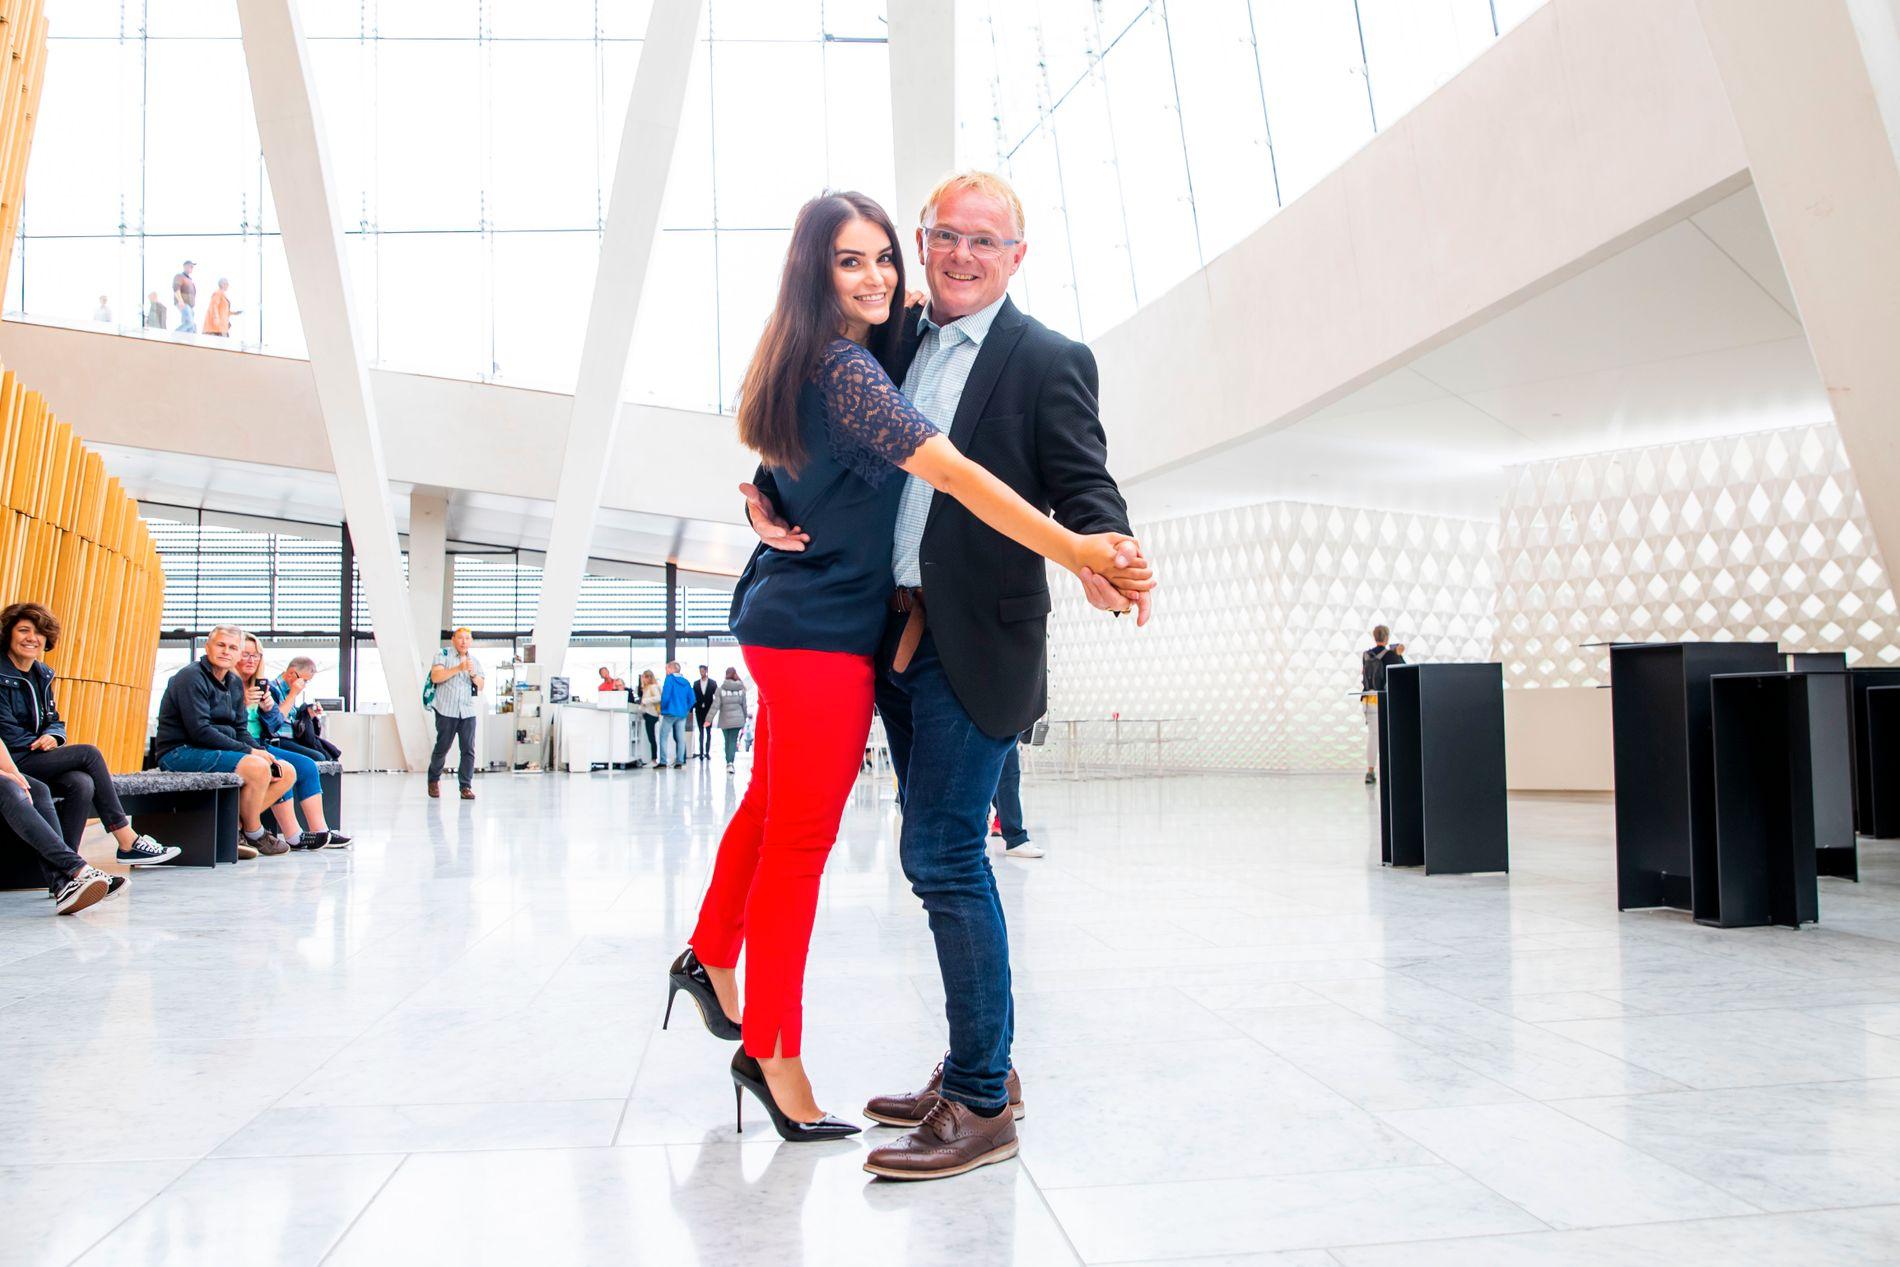 SVINGOM: Bahareh Letnes og Per Sandberg tester ut noen trinn i foajeen i Operaen.